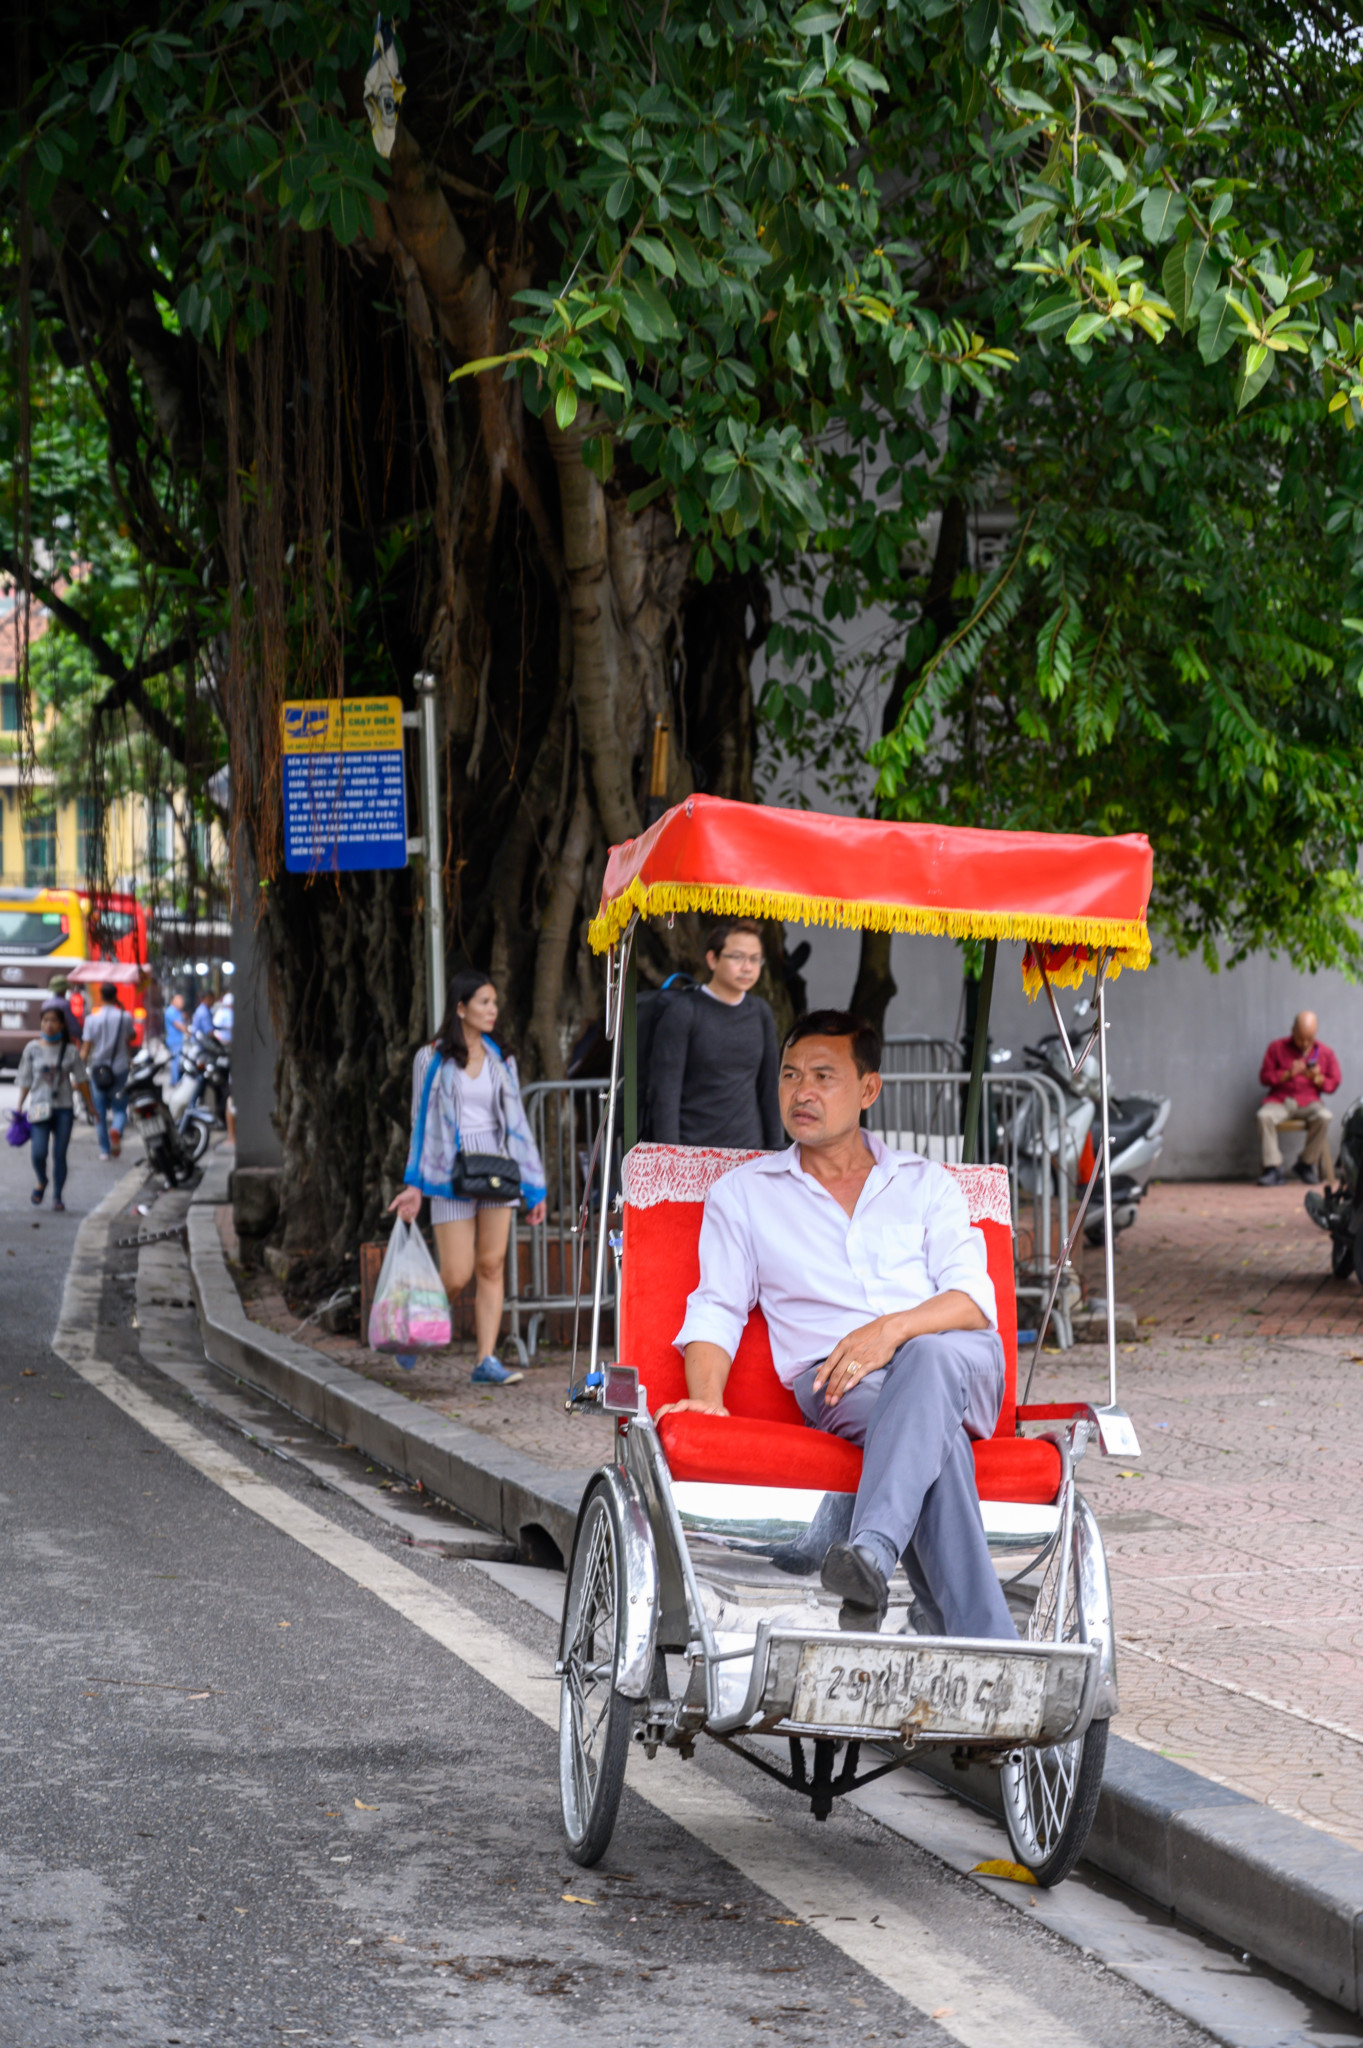 Fahrradrikscha in der Stadt Hanoi